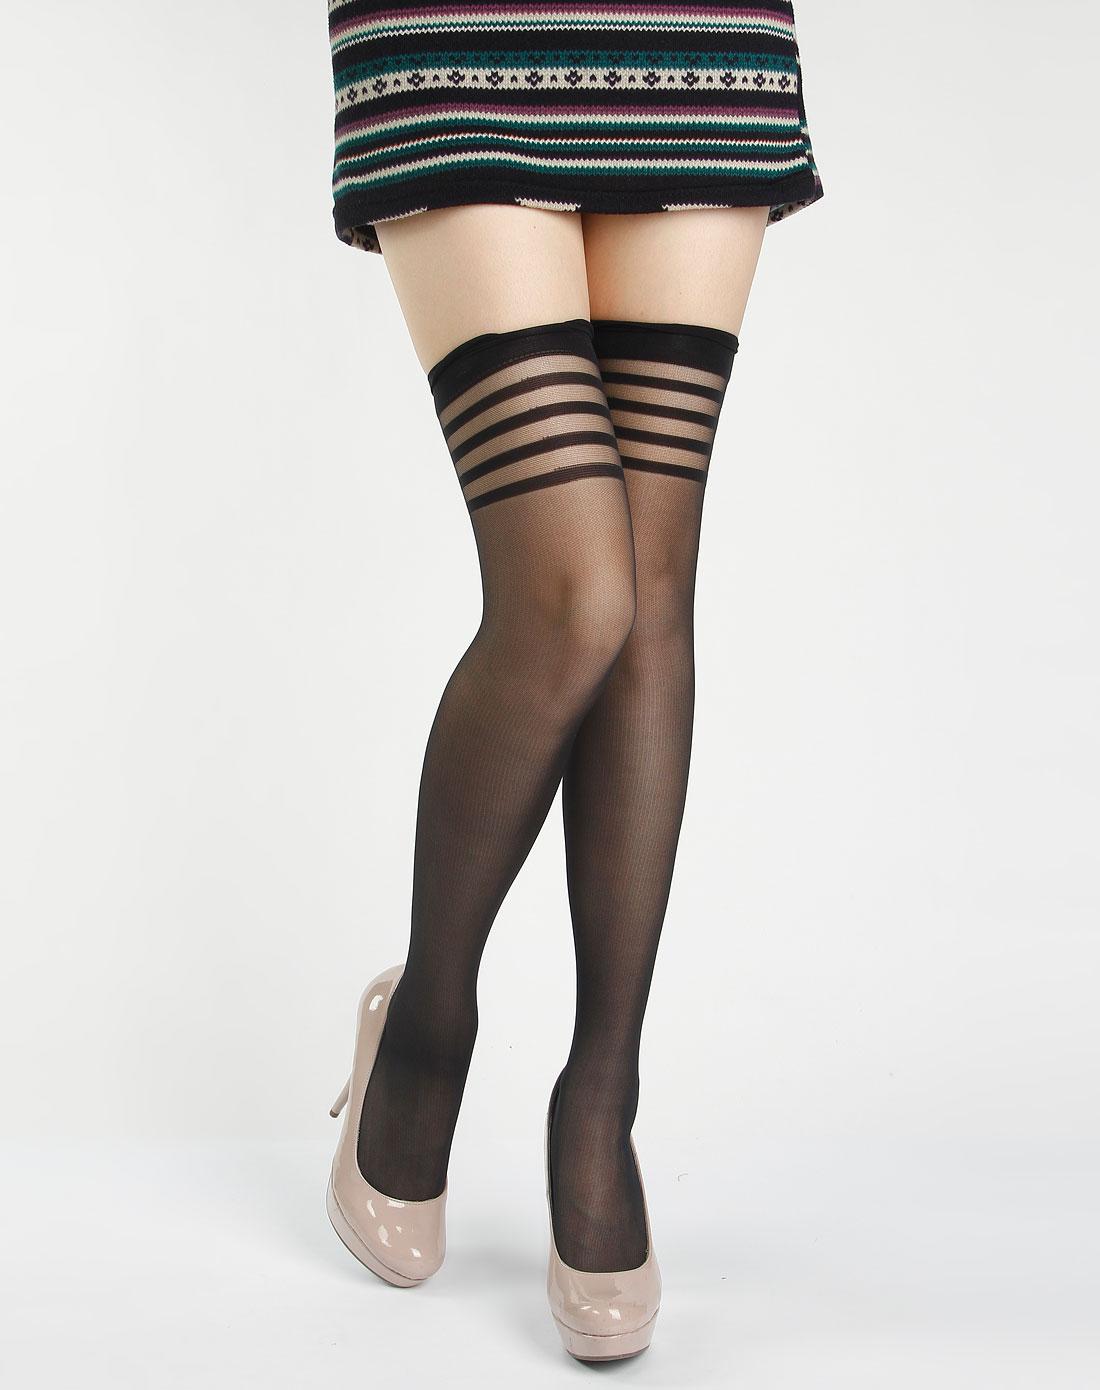 长筒袜女图片网